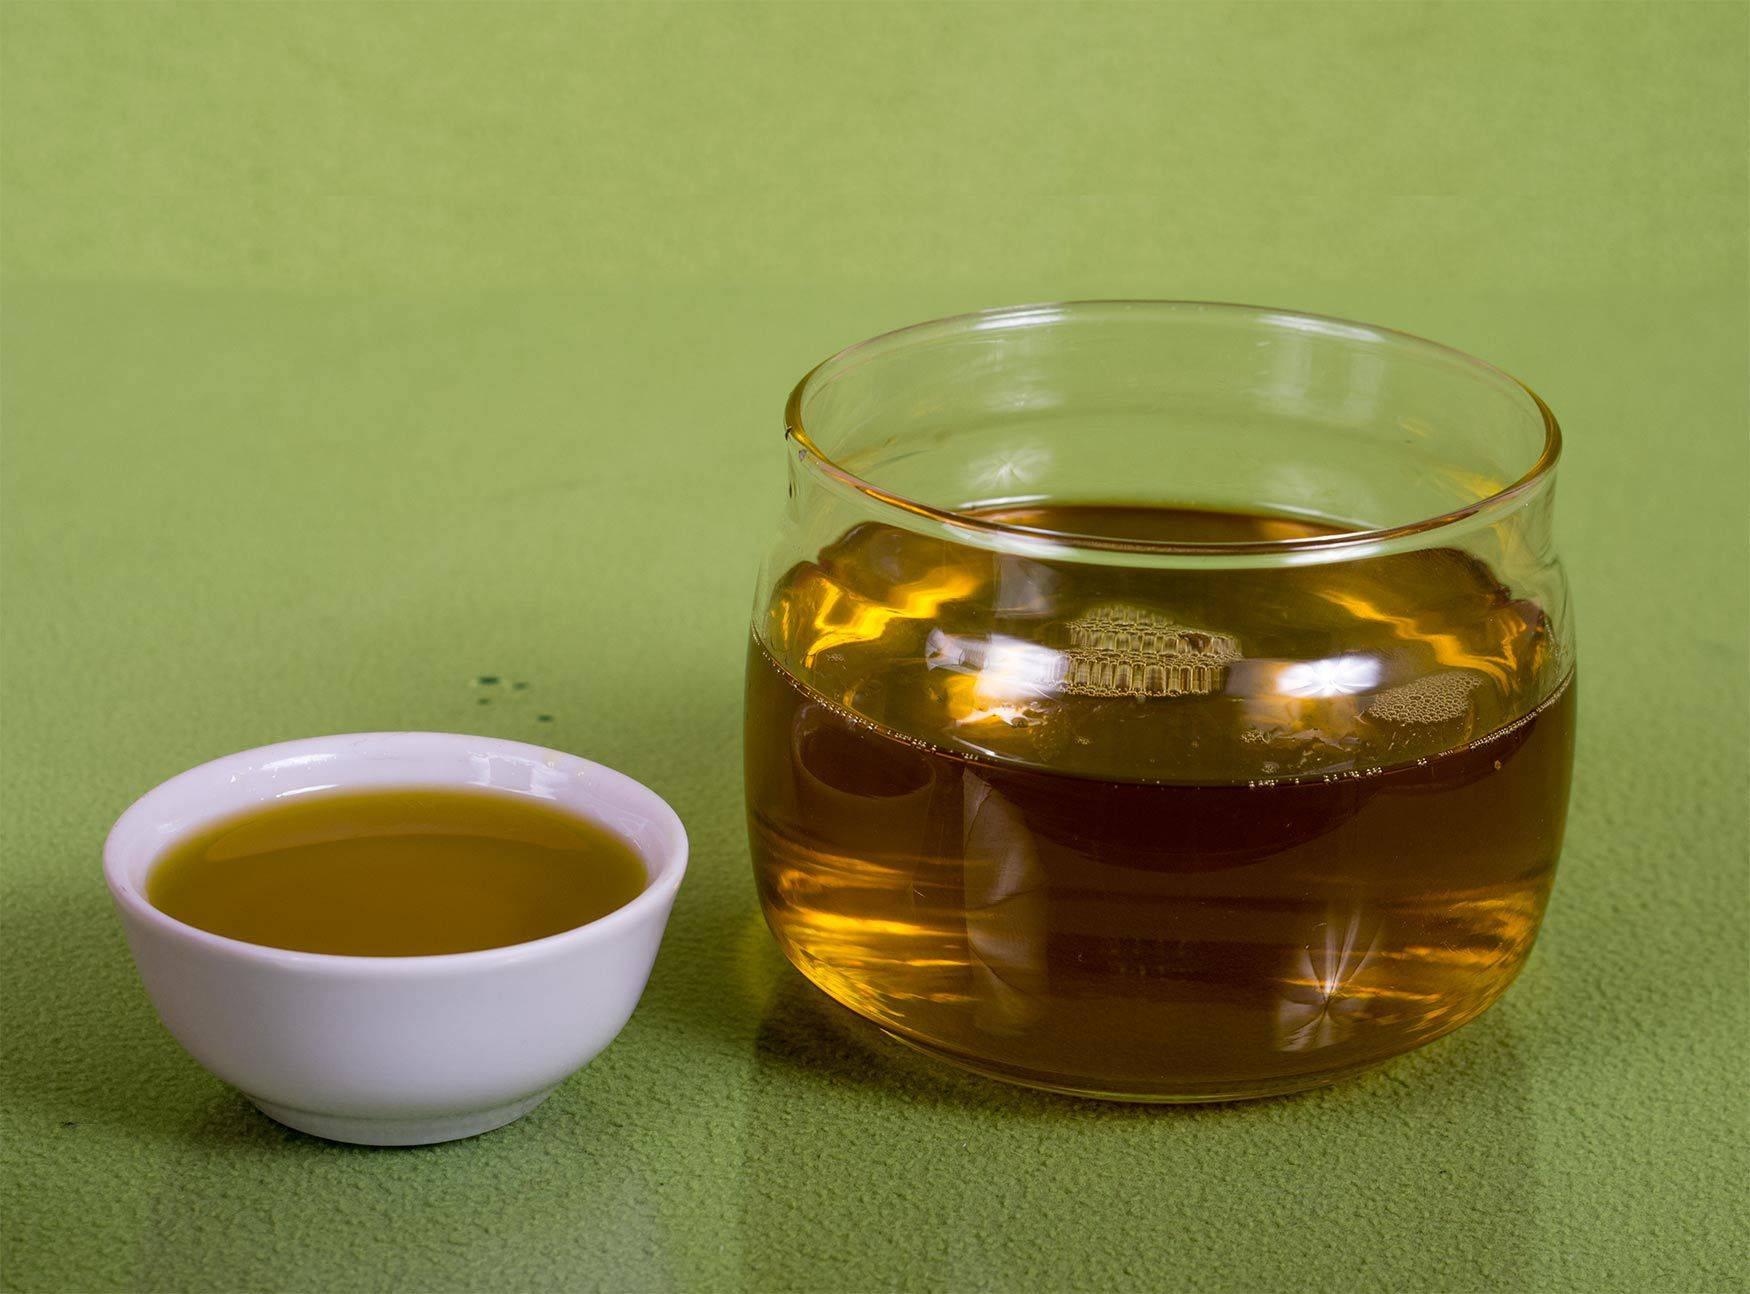 Ароматное золото: польза и вред рыжикового масла, а также способы применения в кулинарии и косметологии